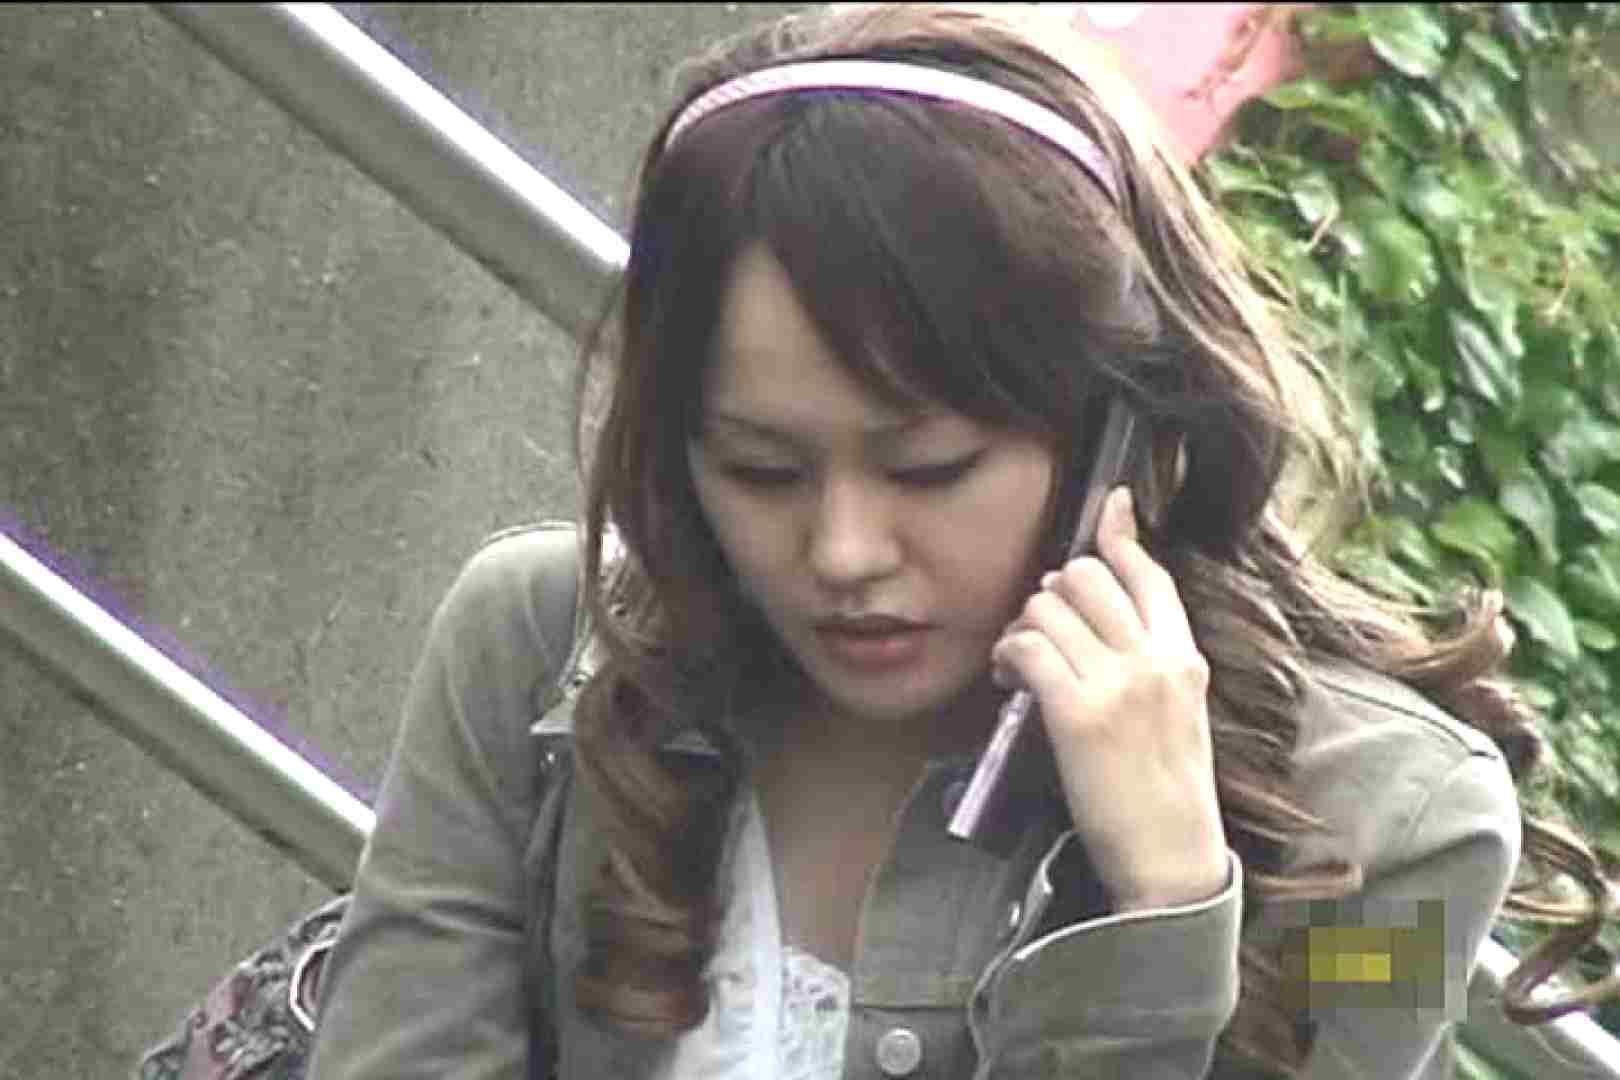 マンチラインパクトVol.11 美女OL  96連発 4